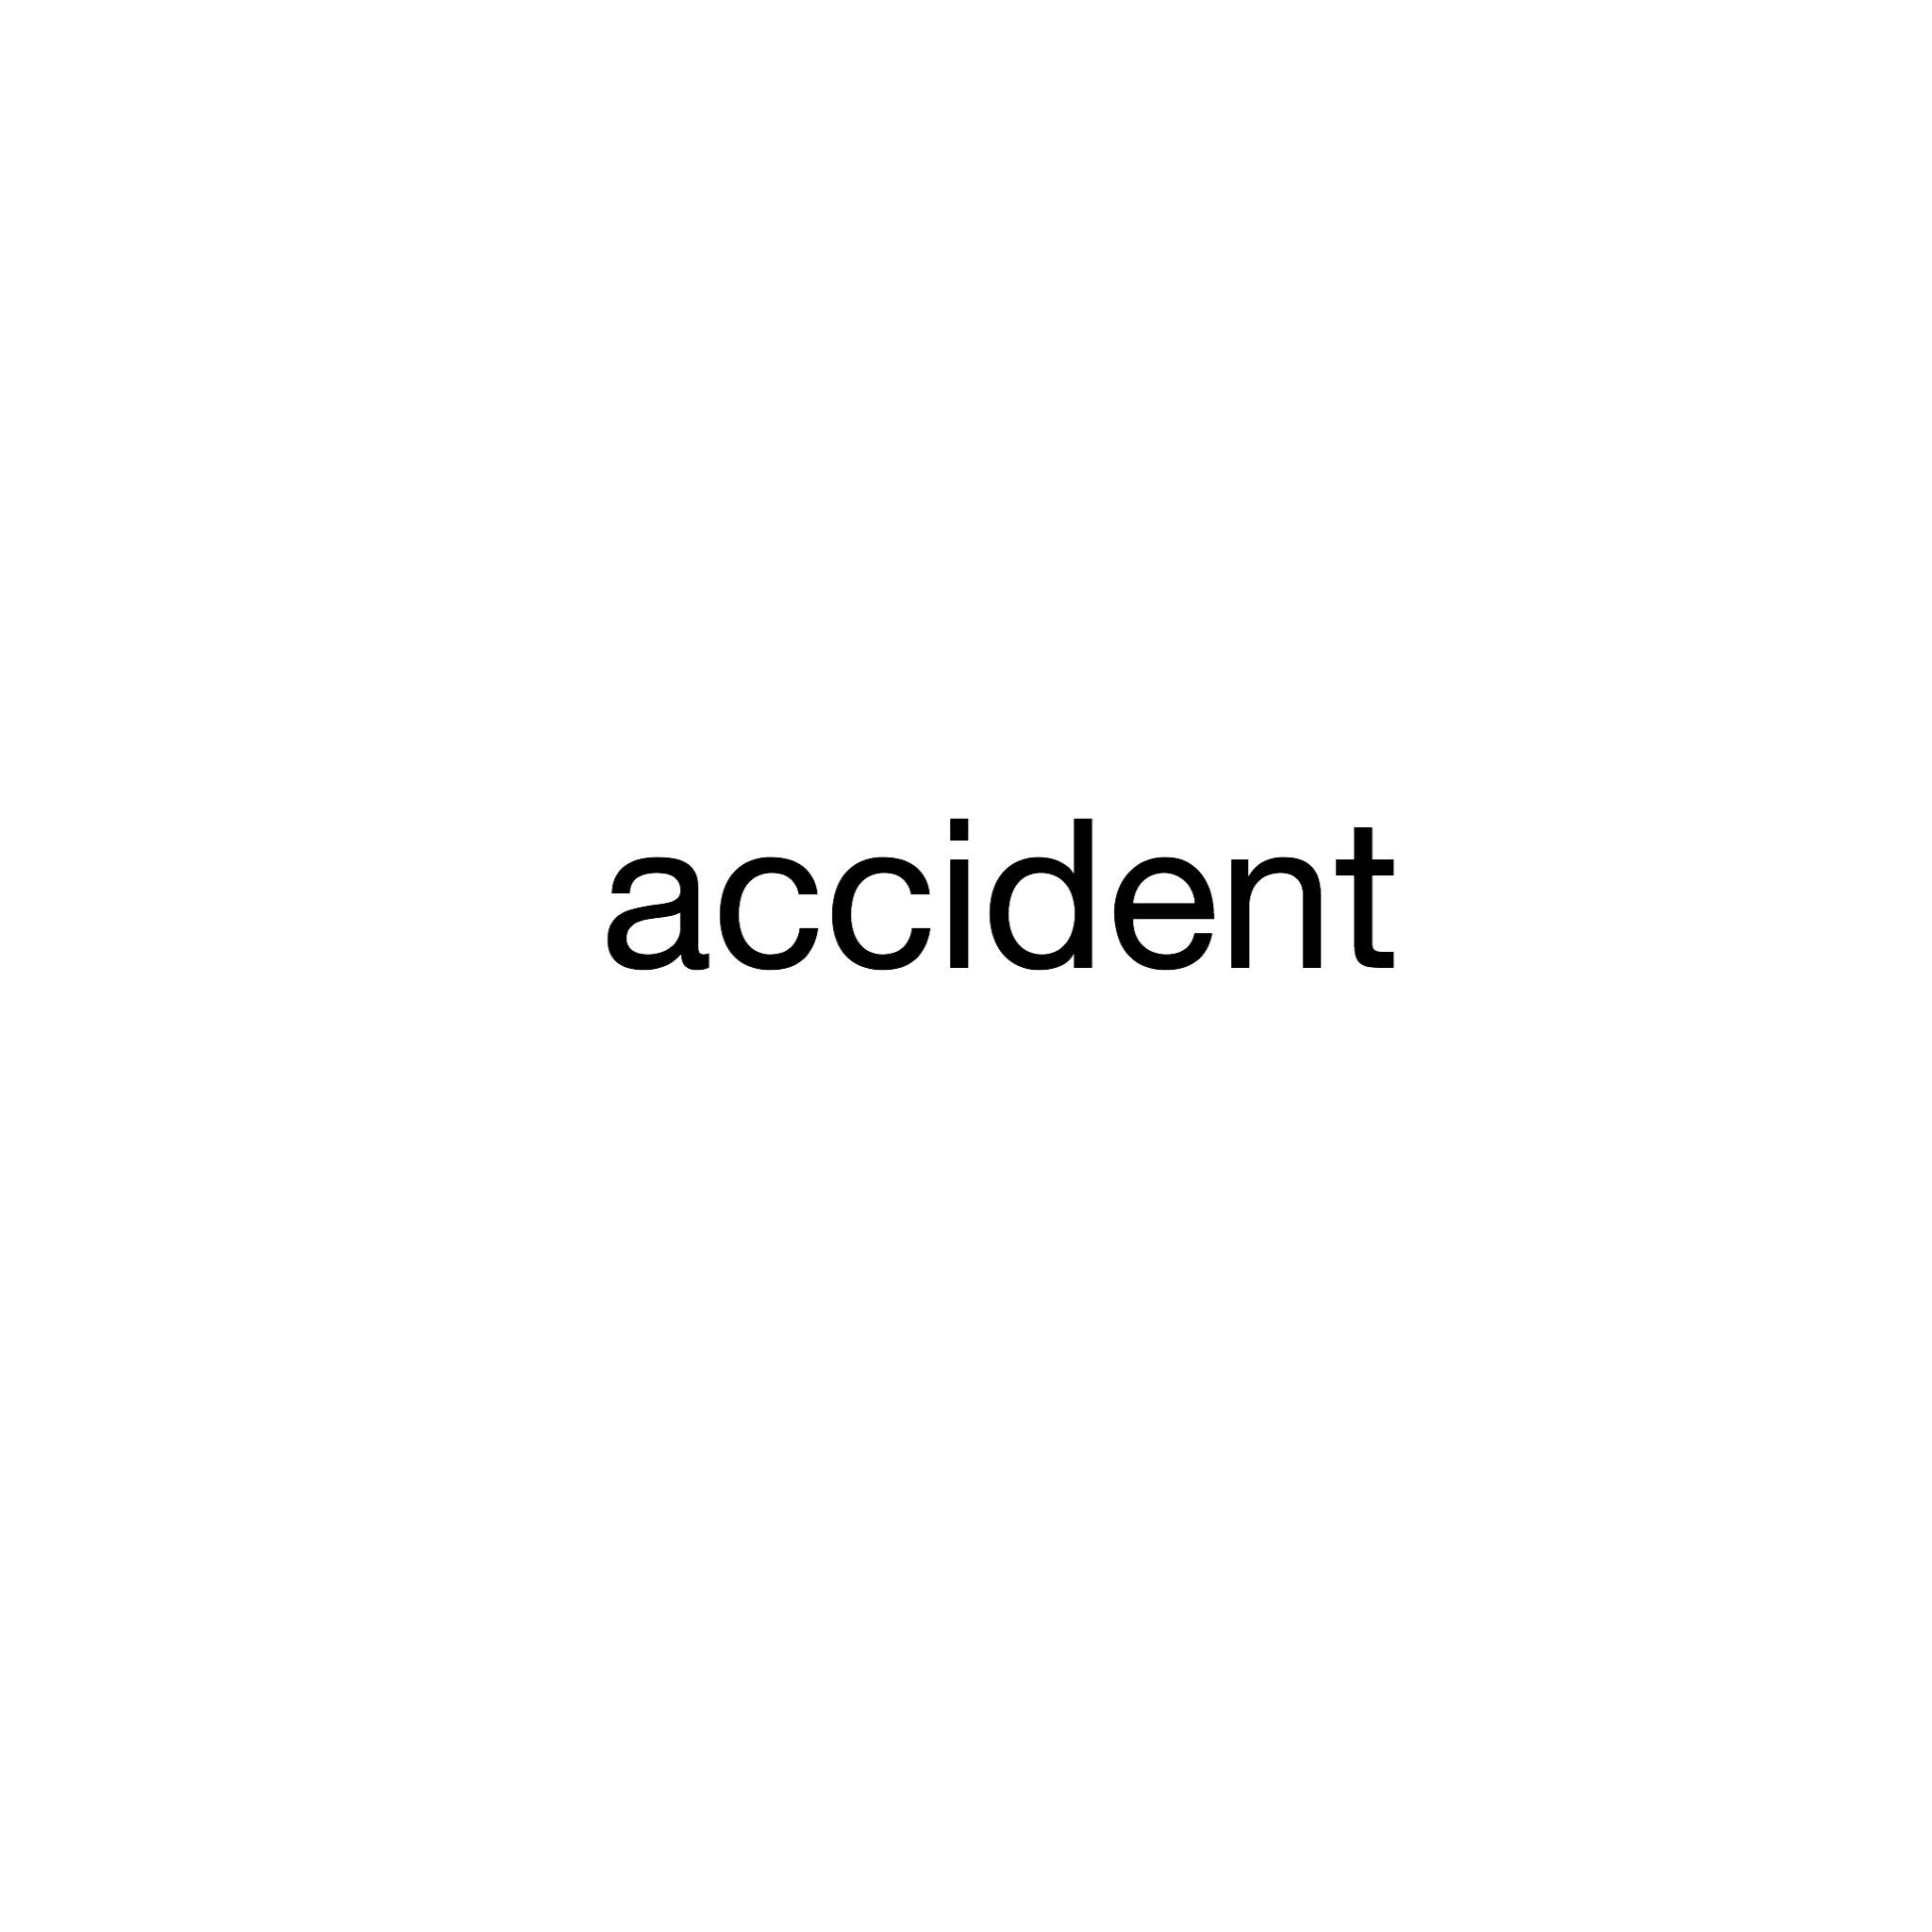 いつ死ぬかわからない!】事故にあって死ぬかと思った話。 | sao.memo